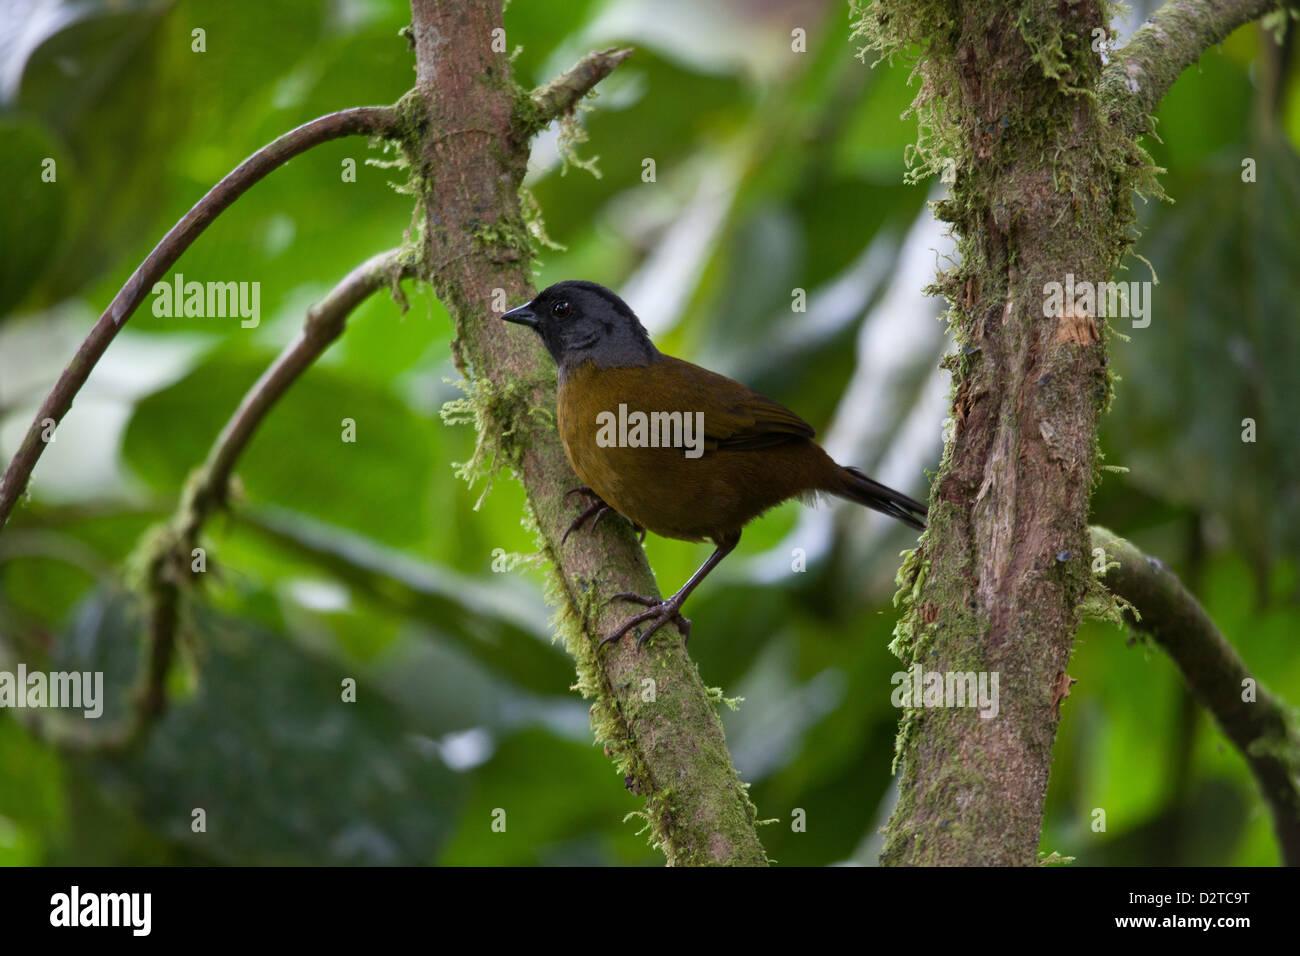 Grand-footed Finch, Pezopetes capitalis, au parc national La Amistad, Chiriqui province, République du Panama. Banque D'Images